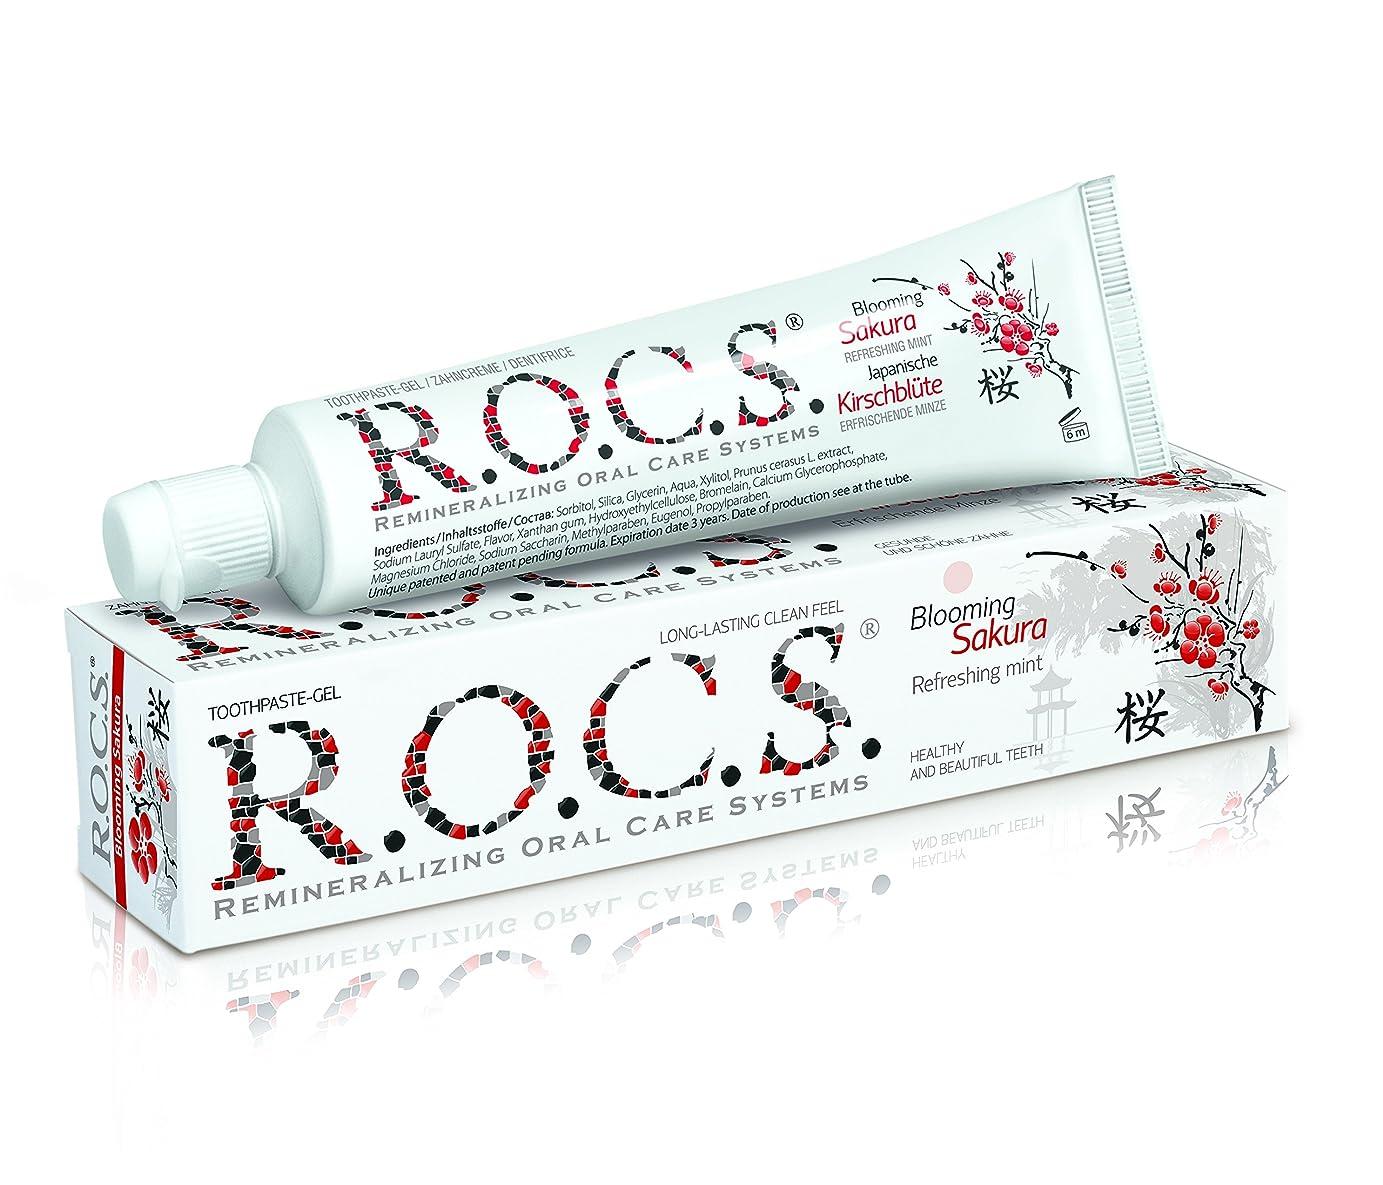 割れ目わかるやさしいR.O.C.S. ロックス歯磨き粉 ブルーミング サクラ